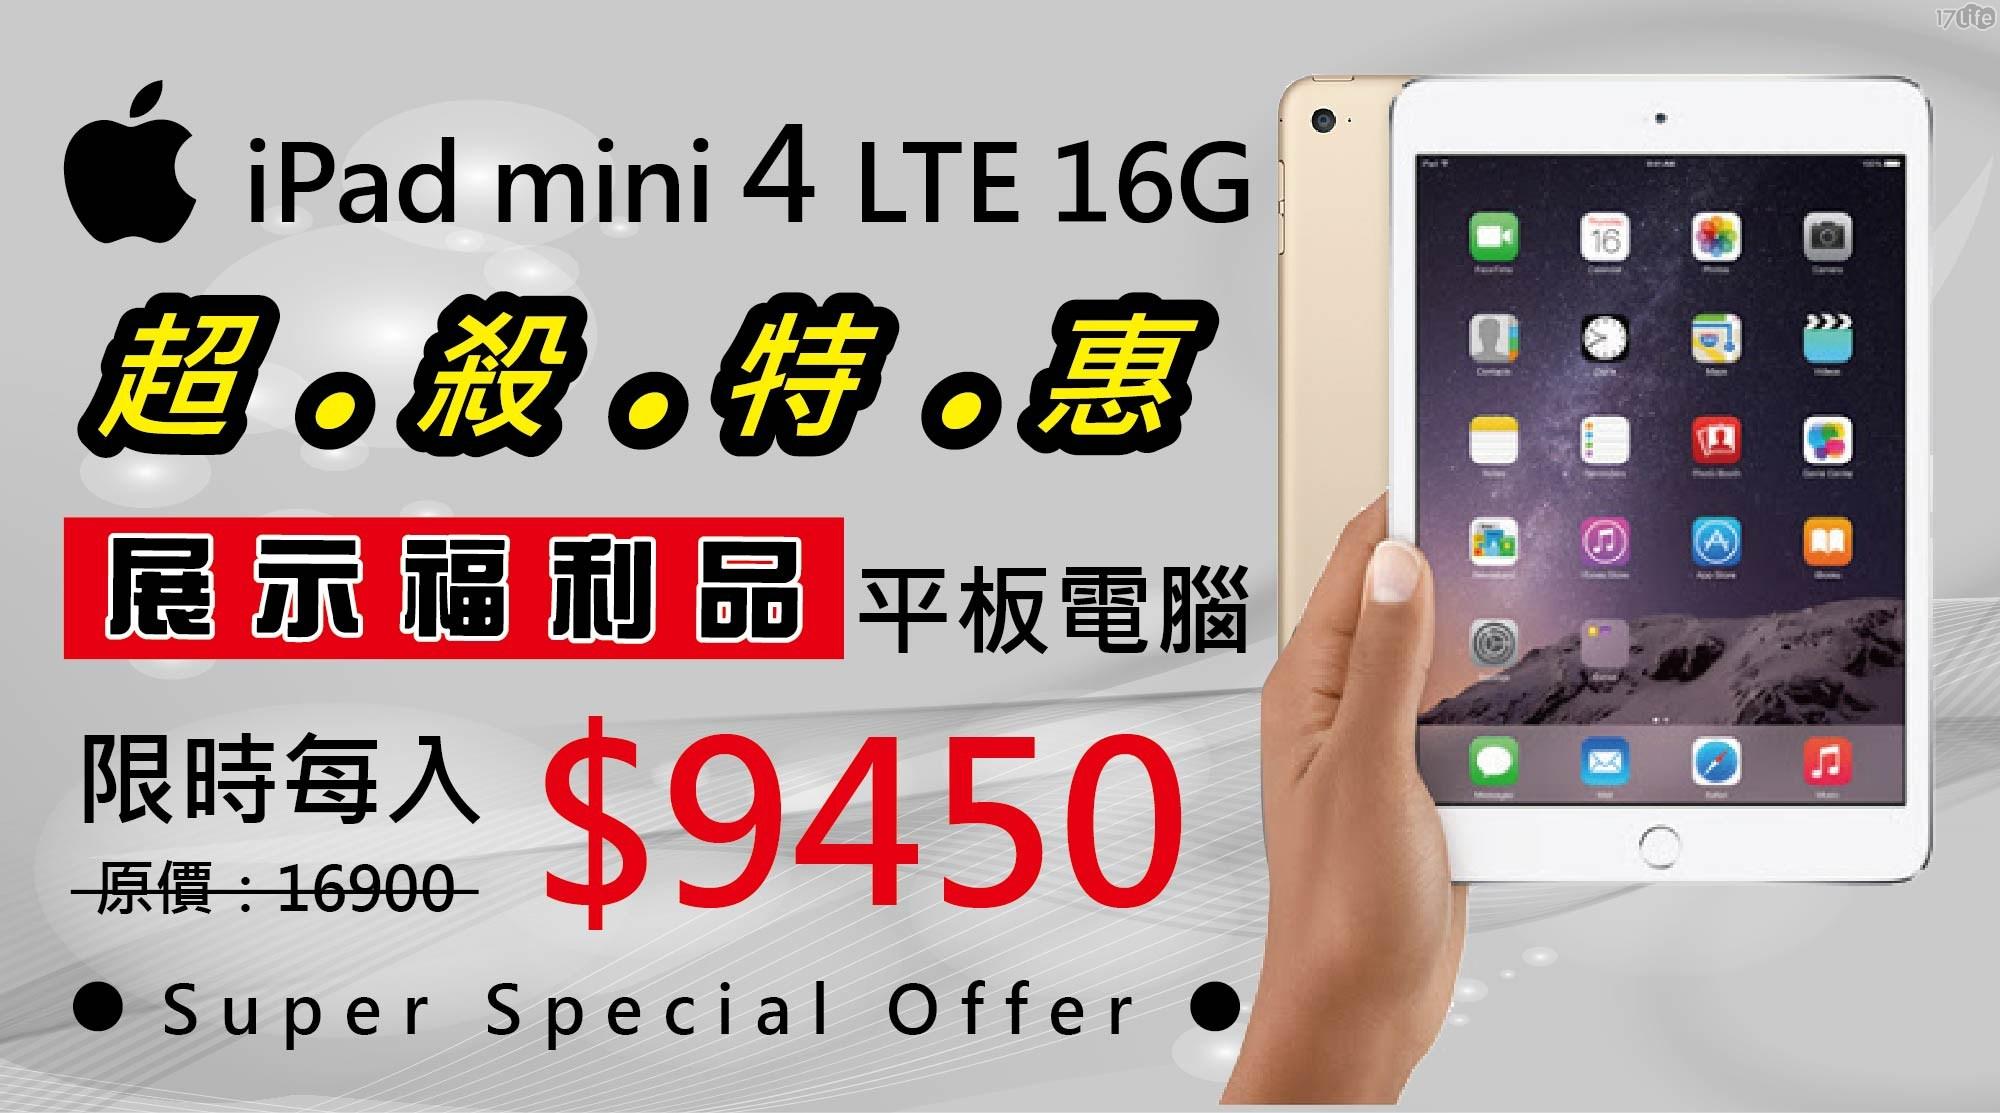 只要9,450元(含運)即可享有原價16,900元【APPLE】 iPad mini 4 16G LTE 平板電腦(加贈玻璃貼以及保護套)展示福利品  1入/組